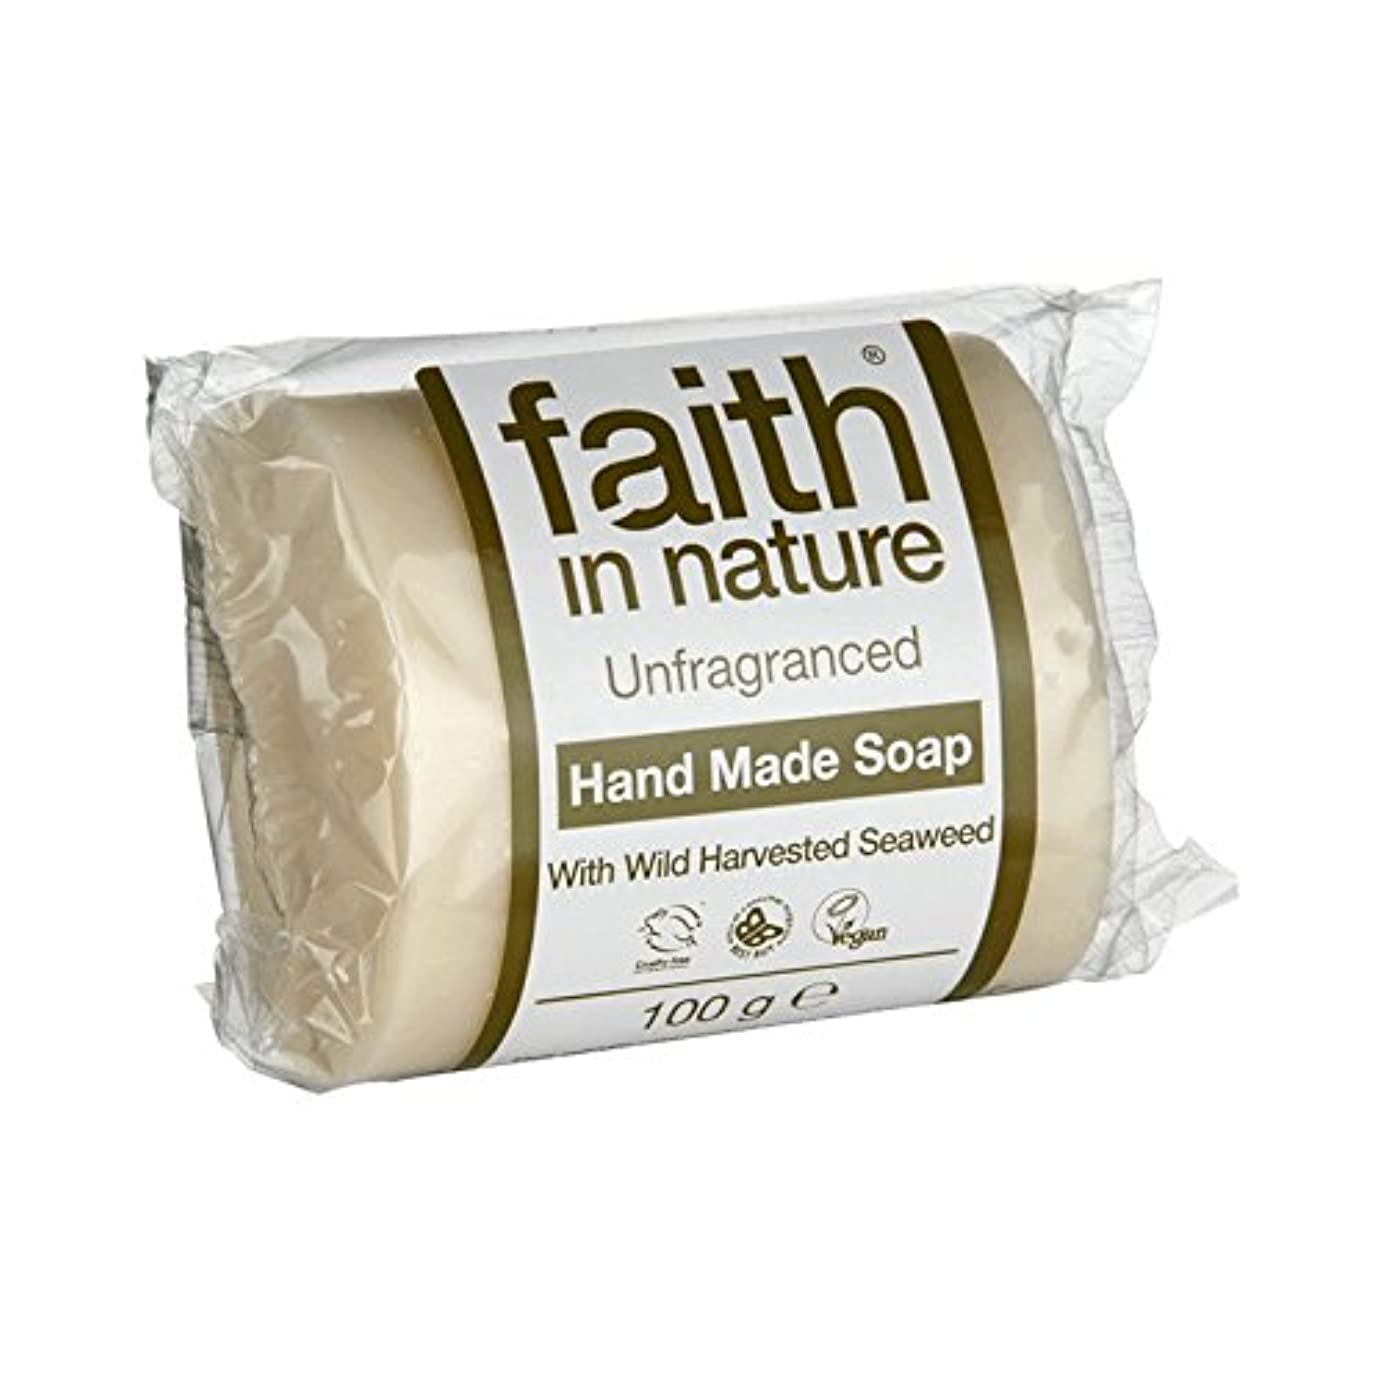 追記インシデント準備ができてFaith in Nature Unfragranced Seaweed Soap 100g (Pack of 6) - 自然無香料海藻石鹸100グラムの信仰 (x6) [並行輸入品]